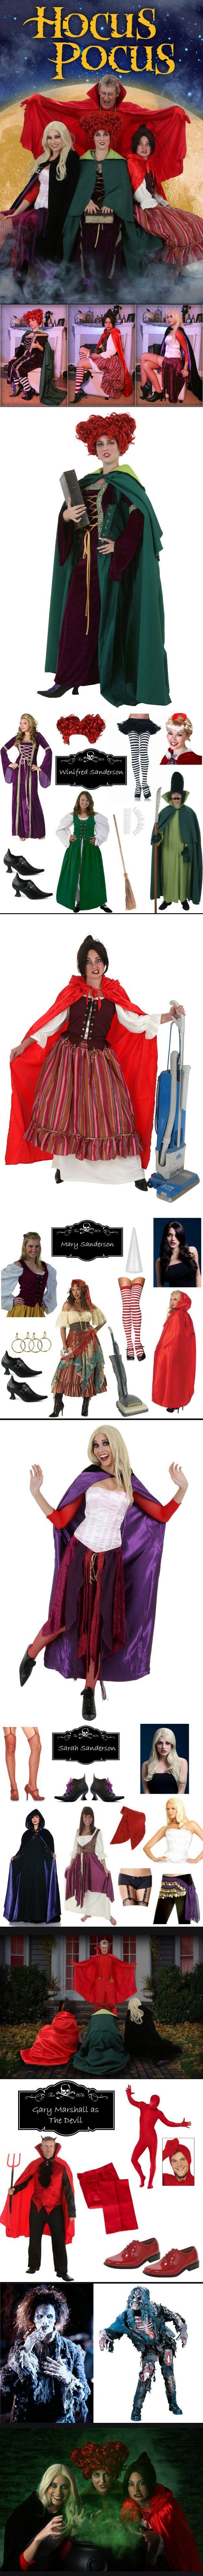 DIY Hocus Pocus Costumes. Hocus Pocus Halloween Party Decorations & Costume Ideas